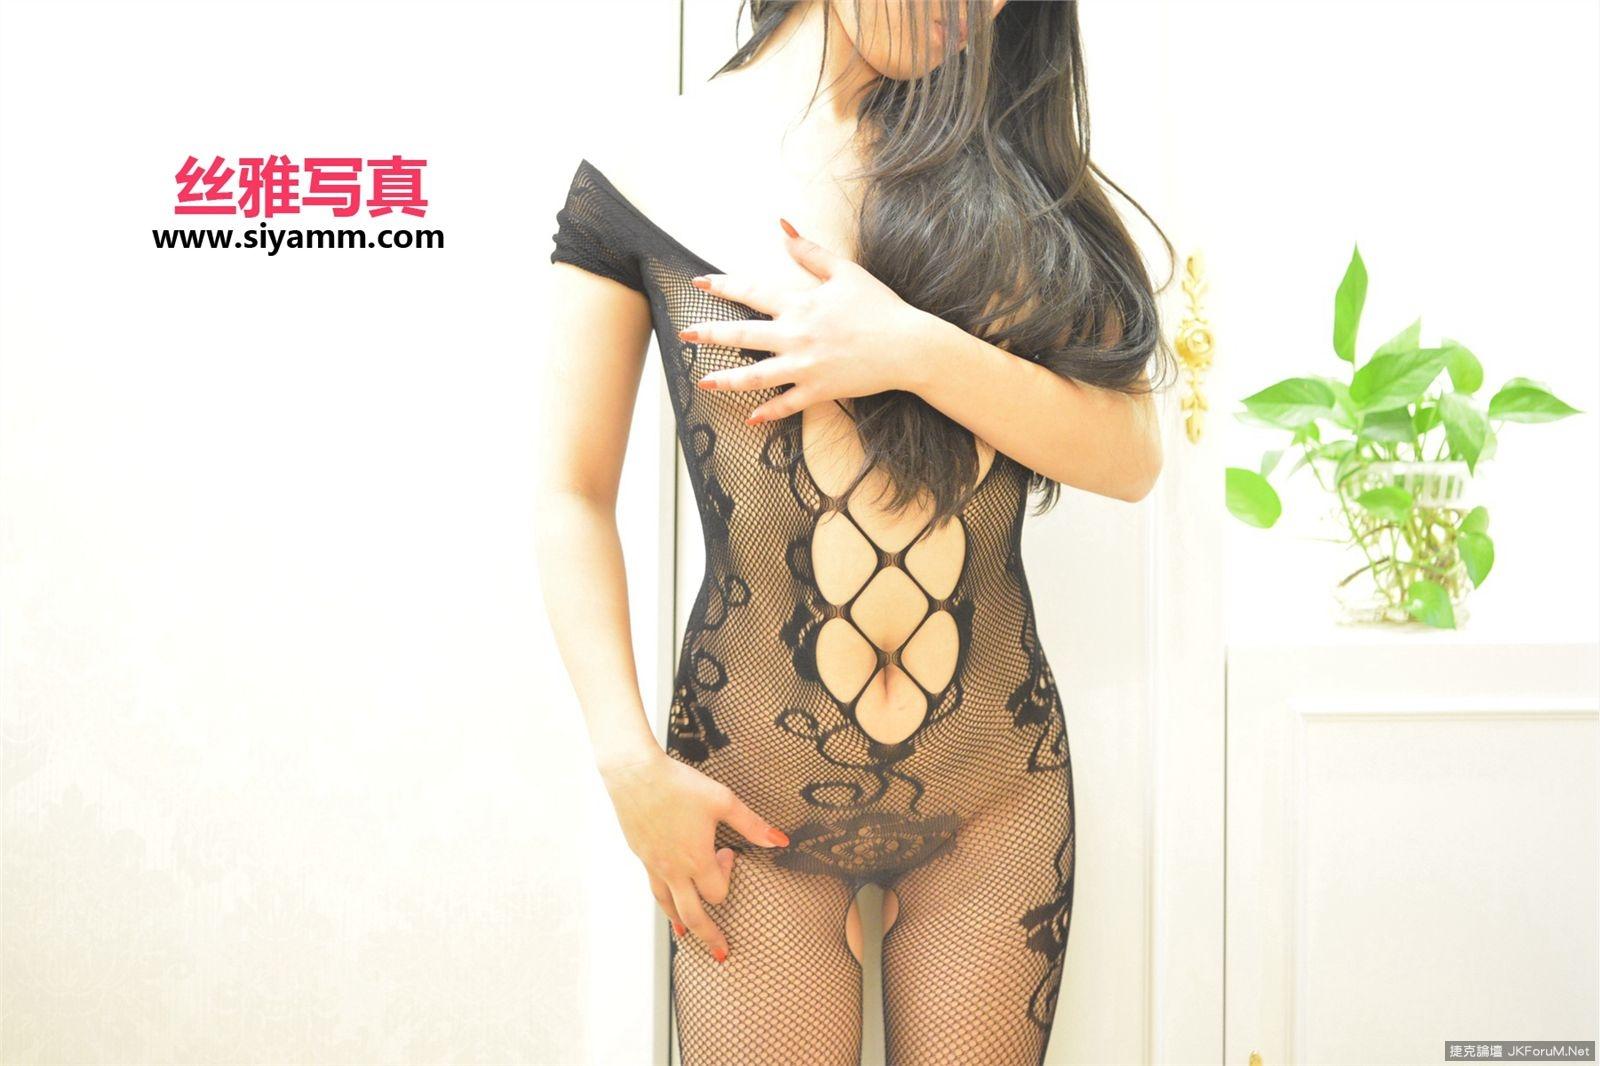 【SIYAMM絲雅寫真系列】NO.111絲襪無內直穿 連身黑網的誘惑【44P】 - 貼圖 - 絲襪美腿 -